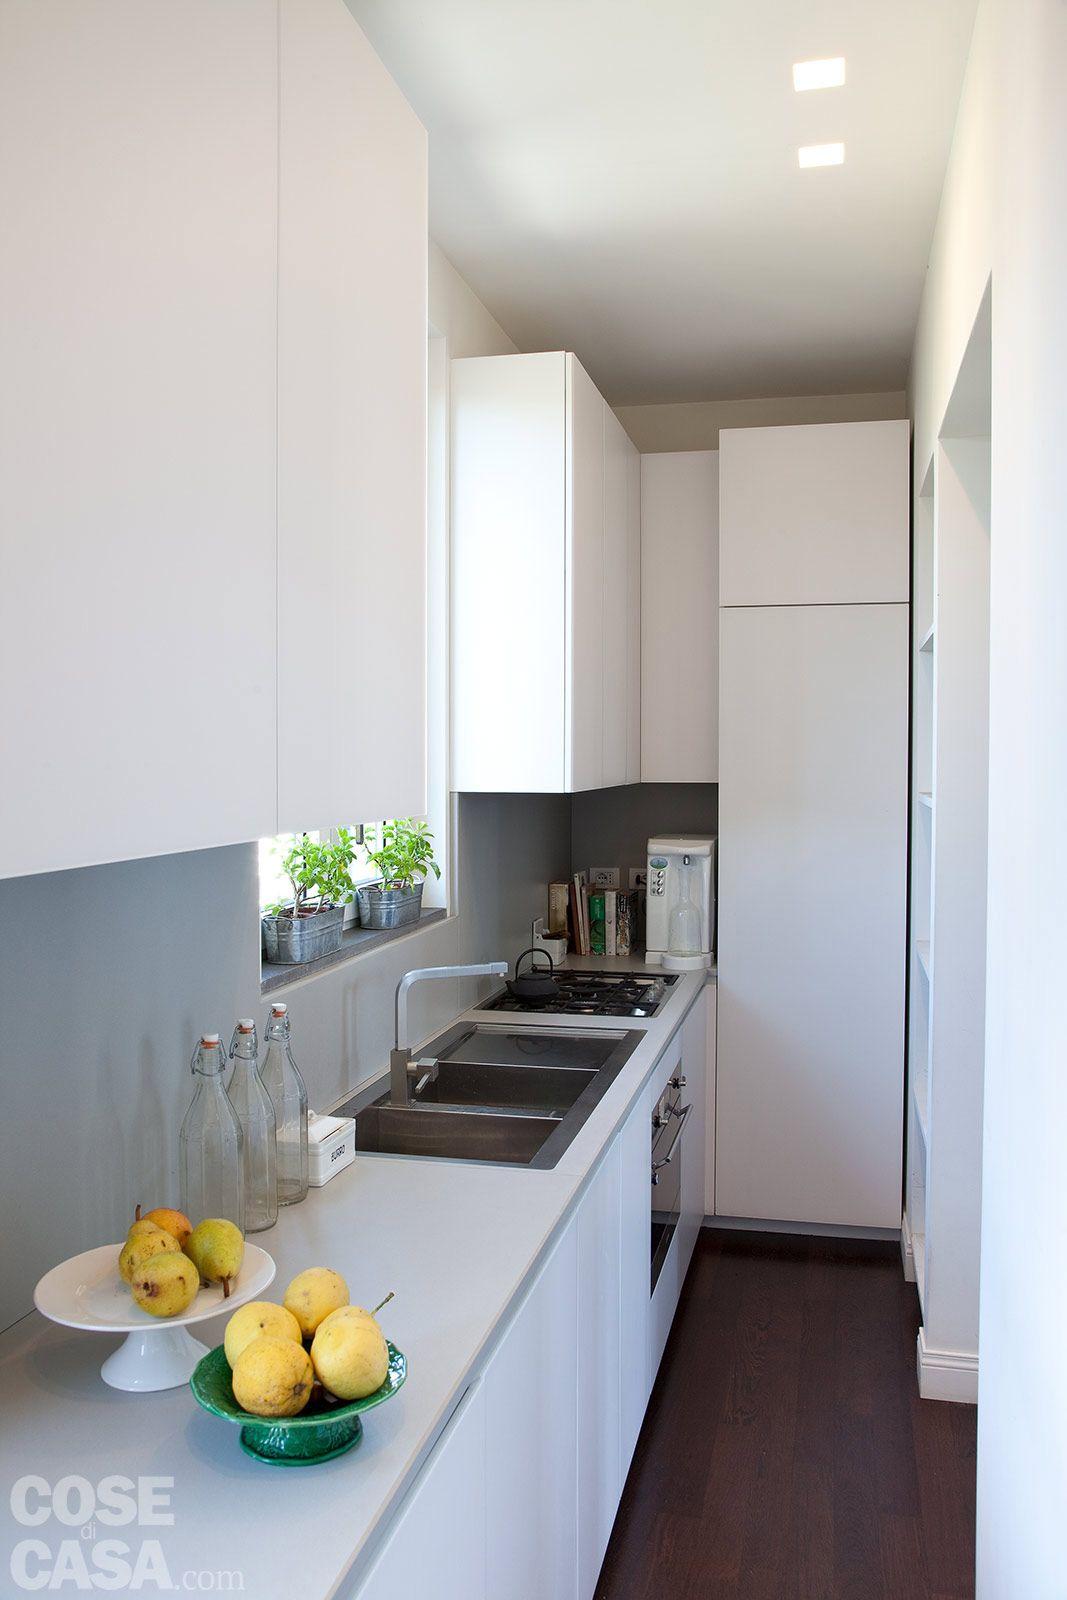 Casa: 14 mq in più per il bilocale | Cucina, Small spaces and Spaces